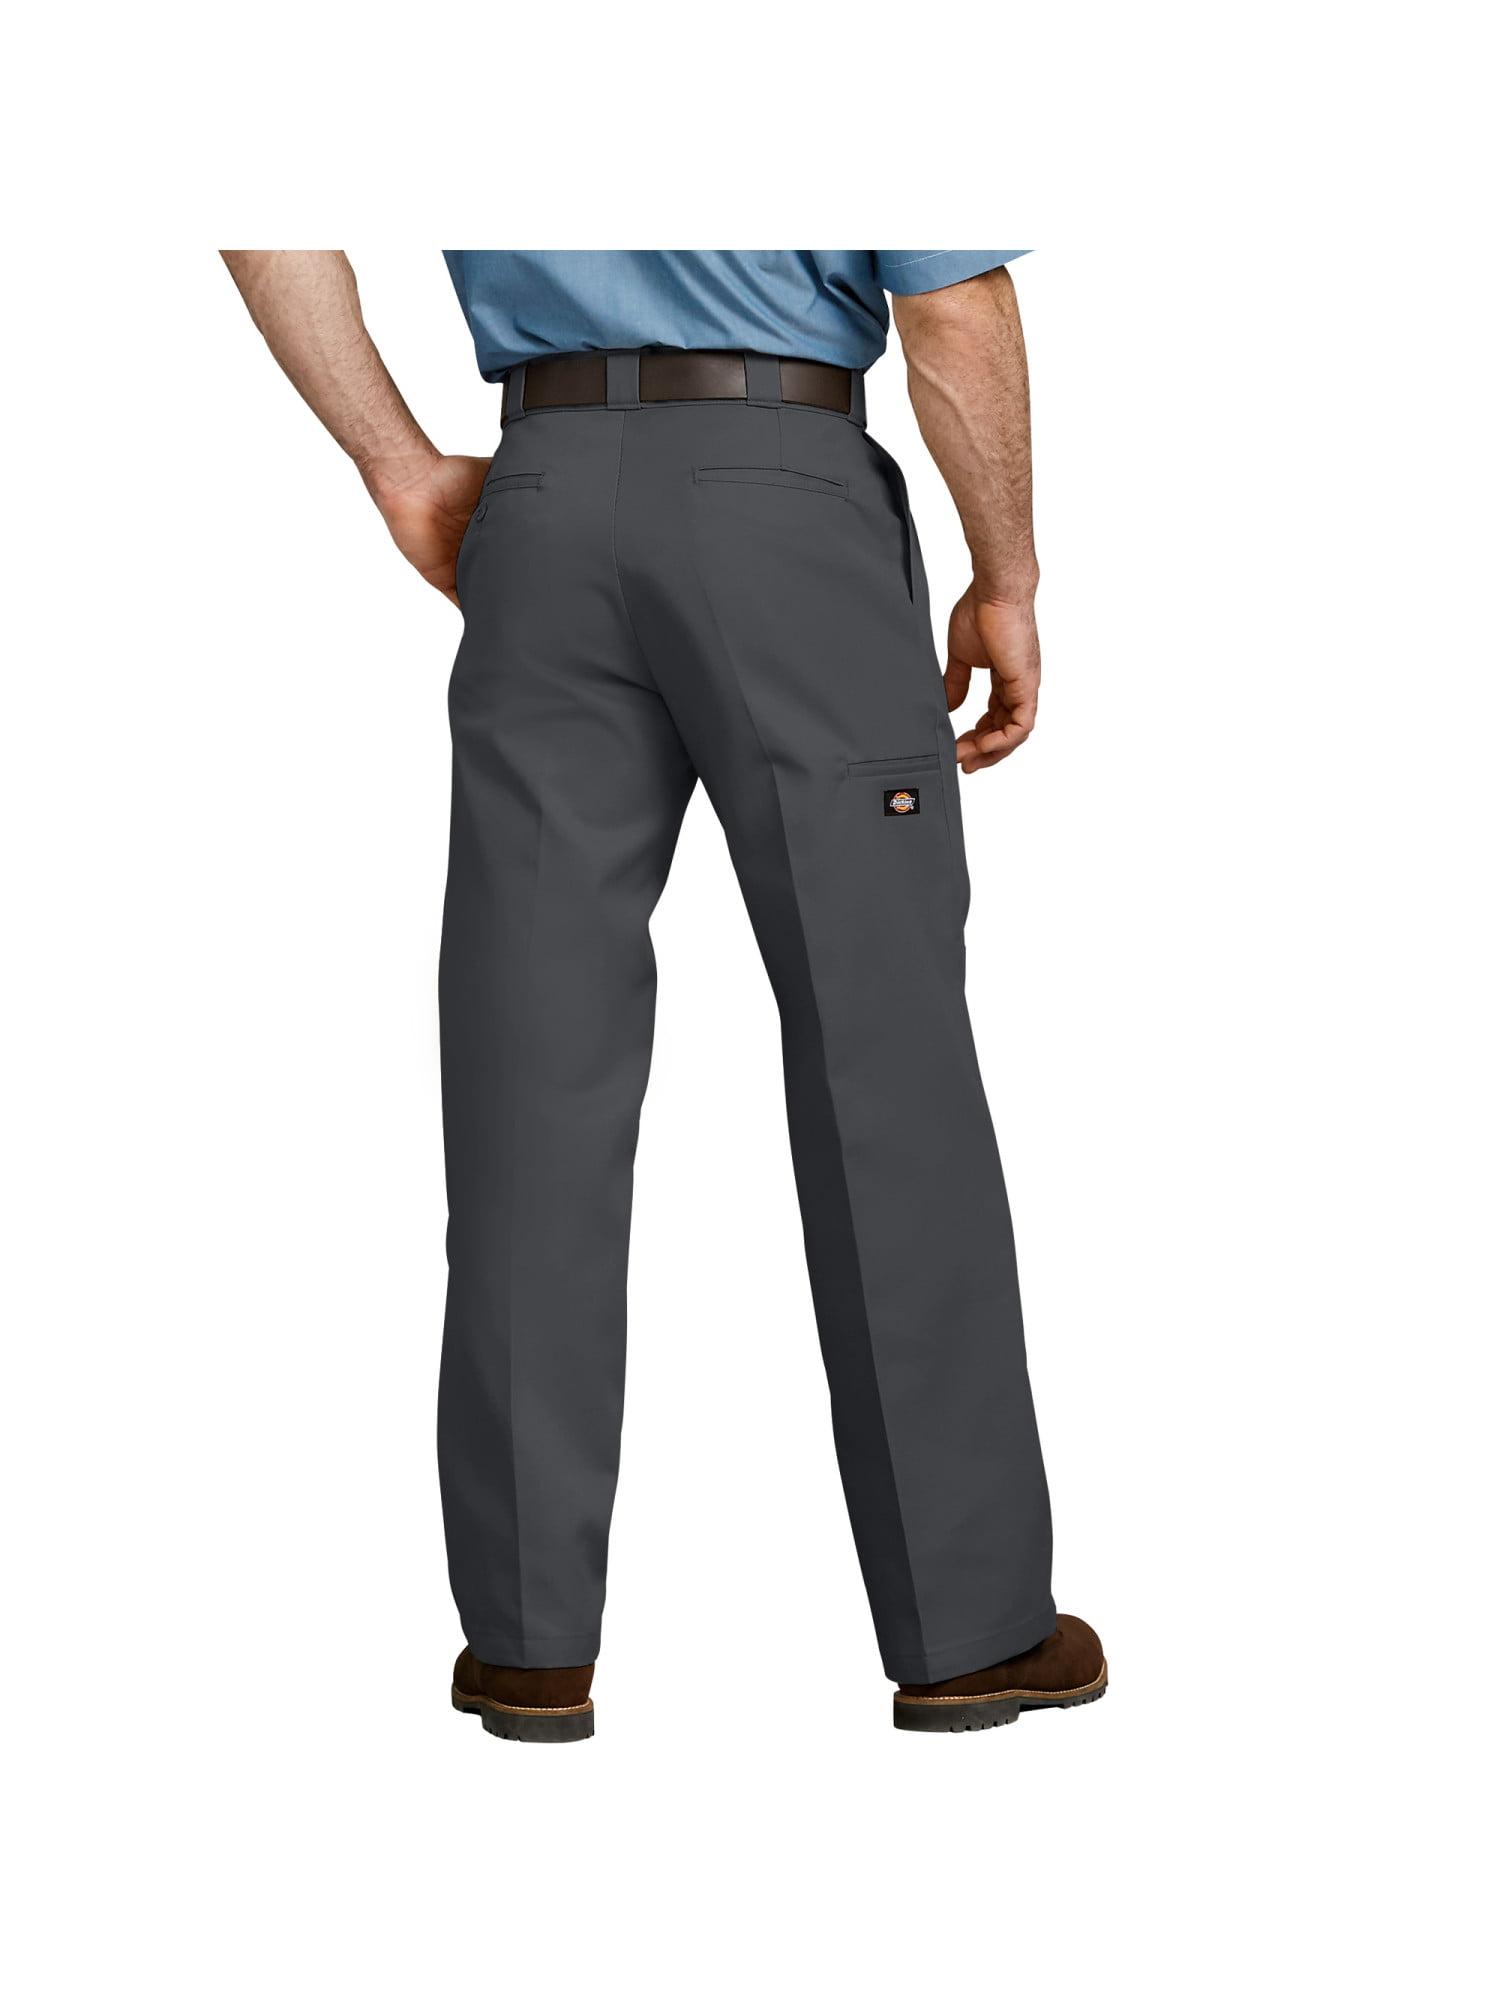 6ede6b10cc872 Dickies - Big Men's Loose Fit Double Knee Work Pant - Walmart.com